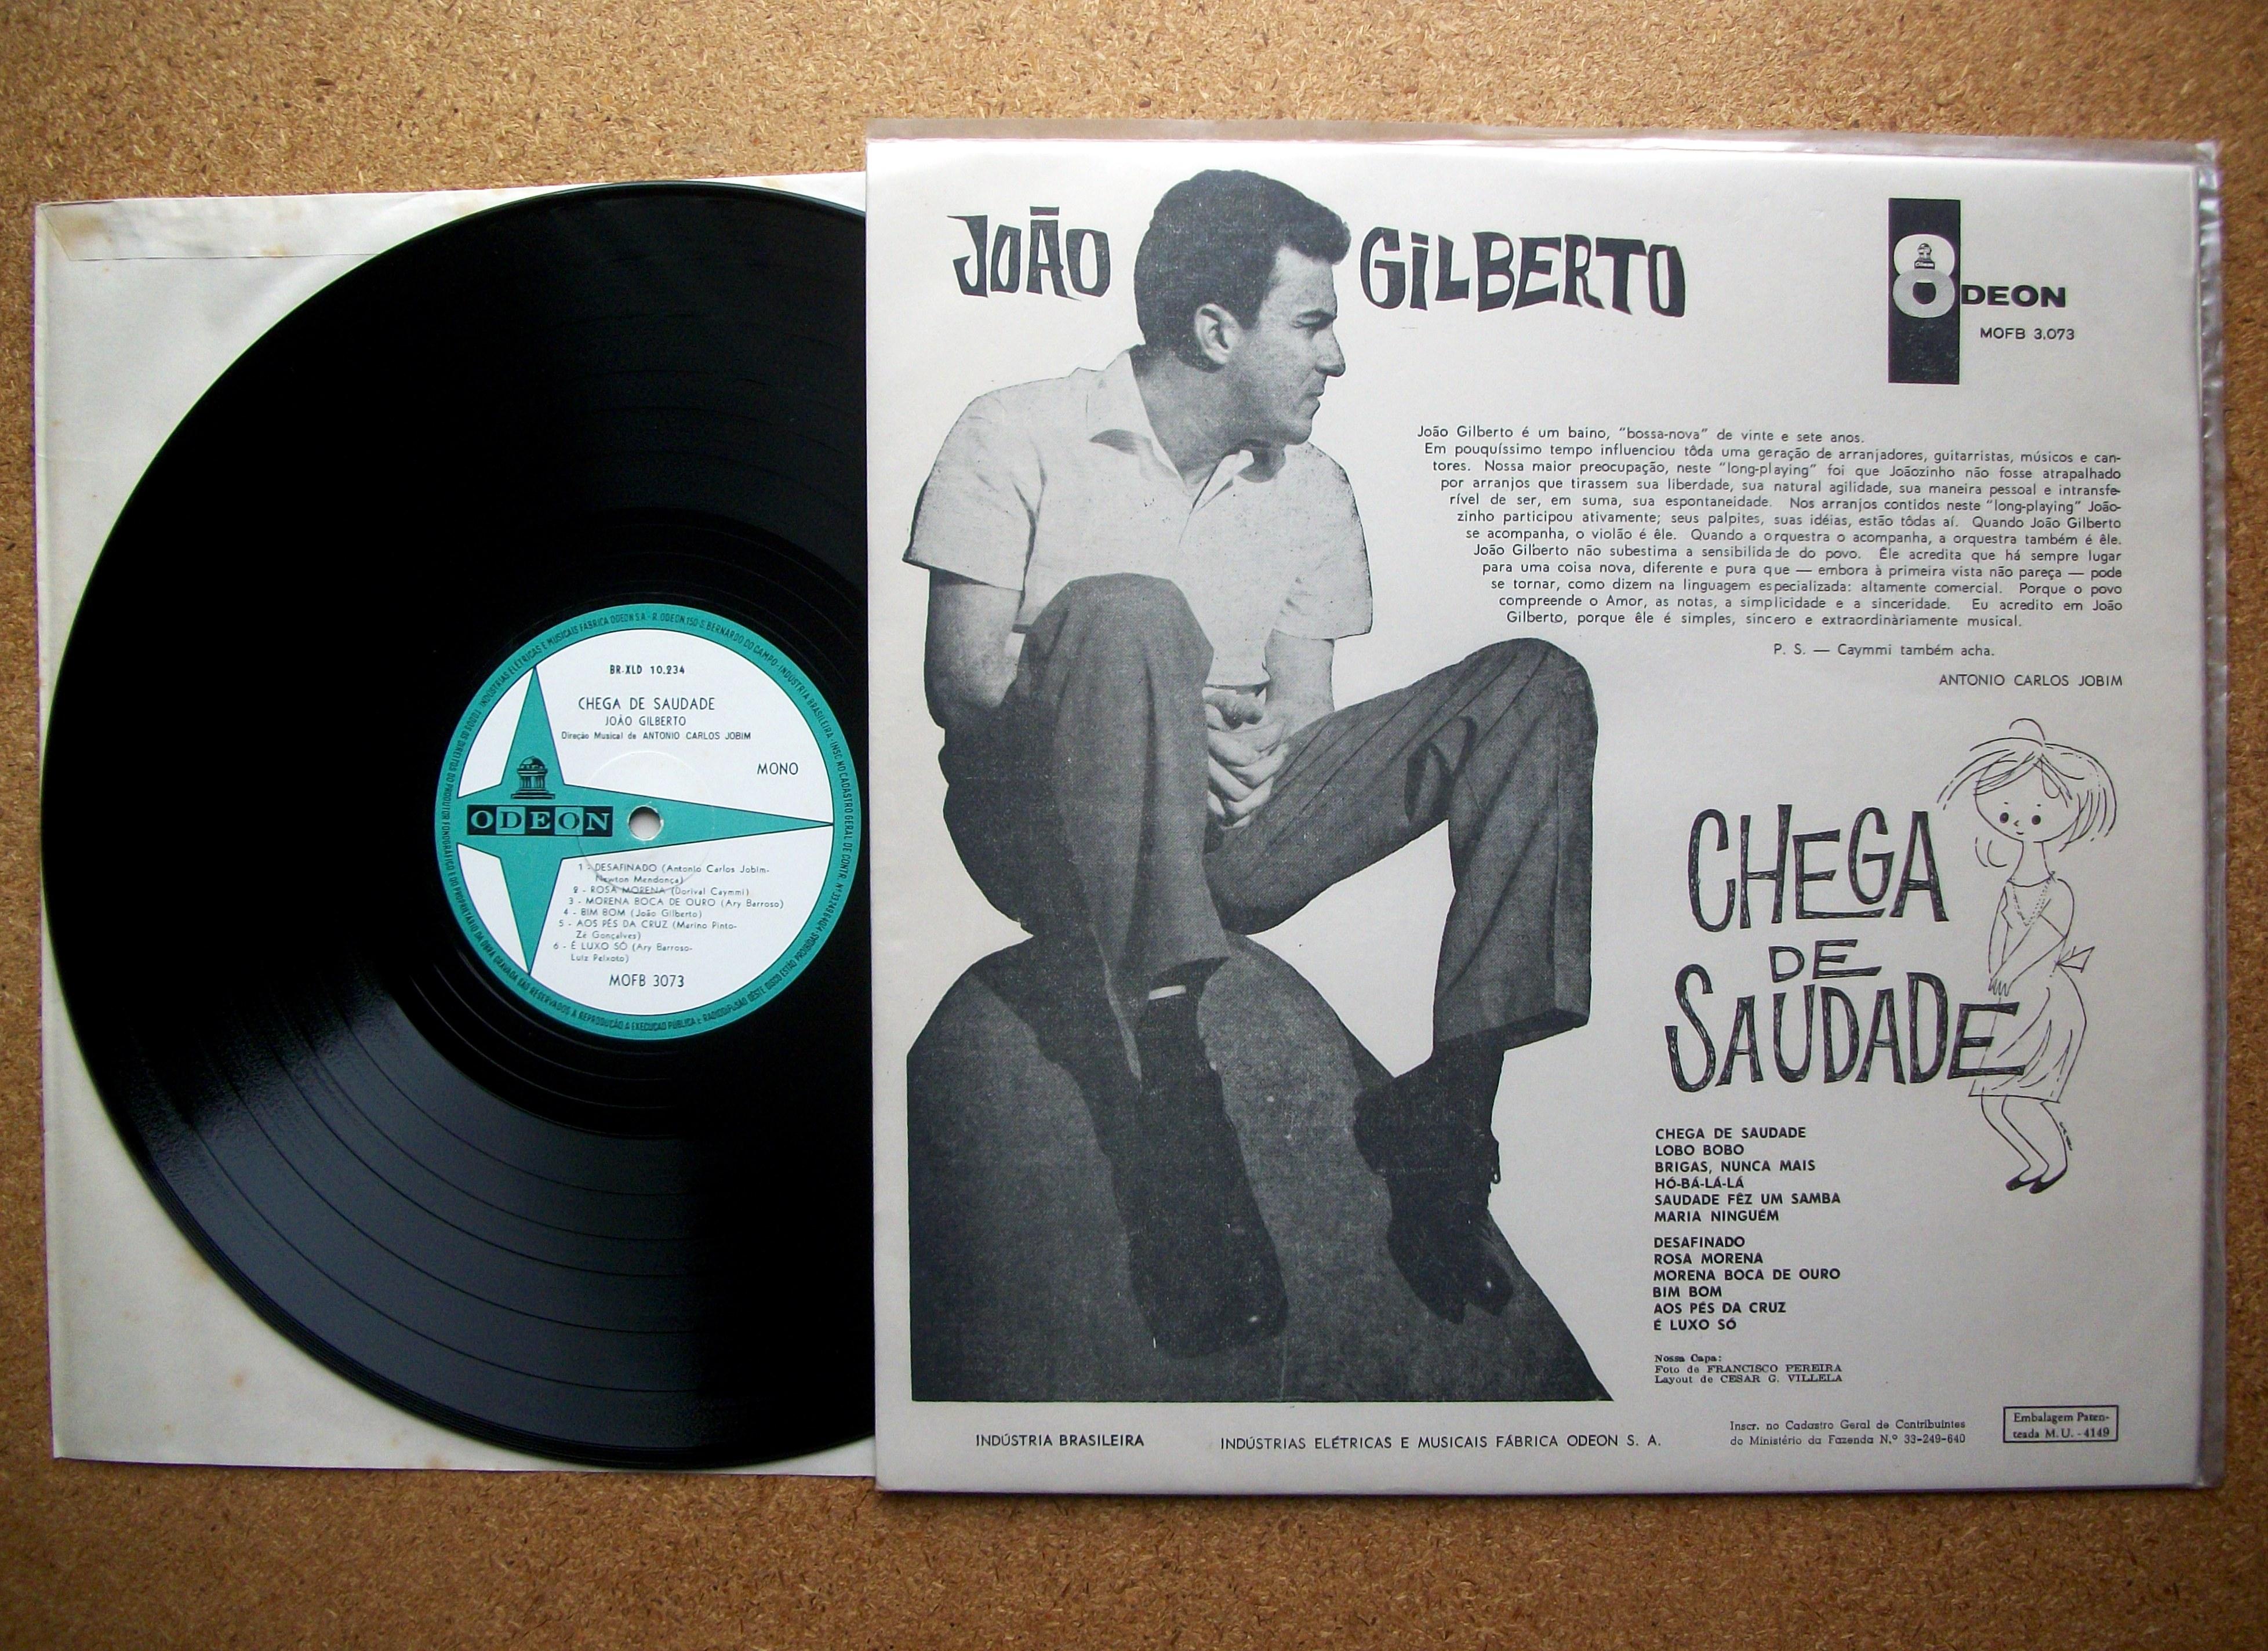 João Gilberto   Sinister Salad Musikal s Weblog 3536ba2c43